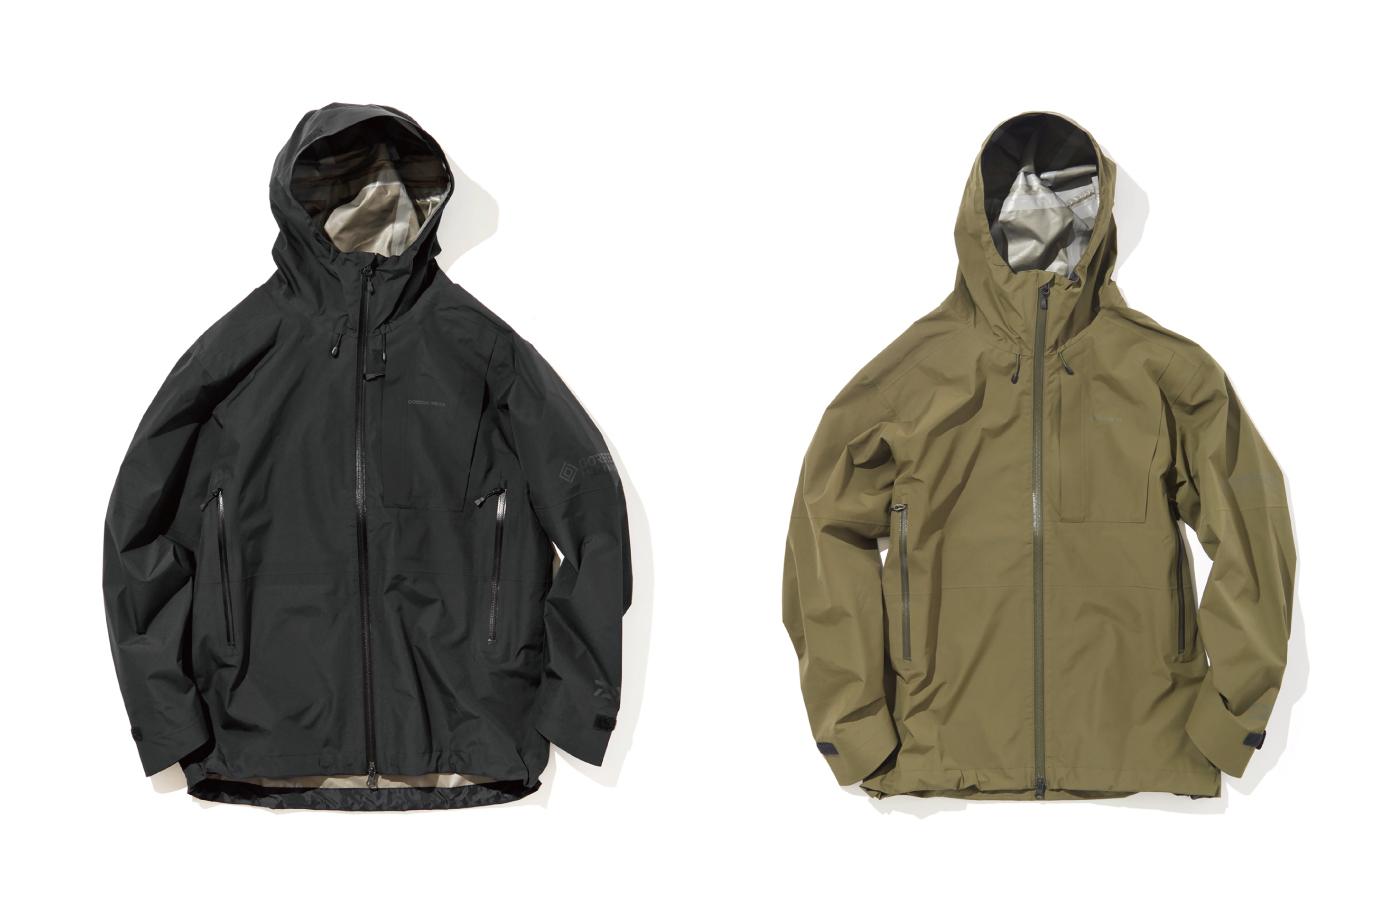 ゴアテックスのジャケット